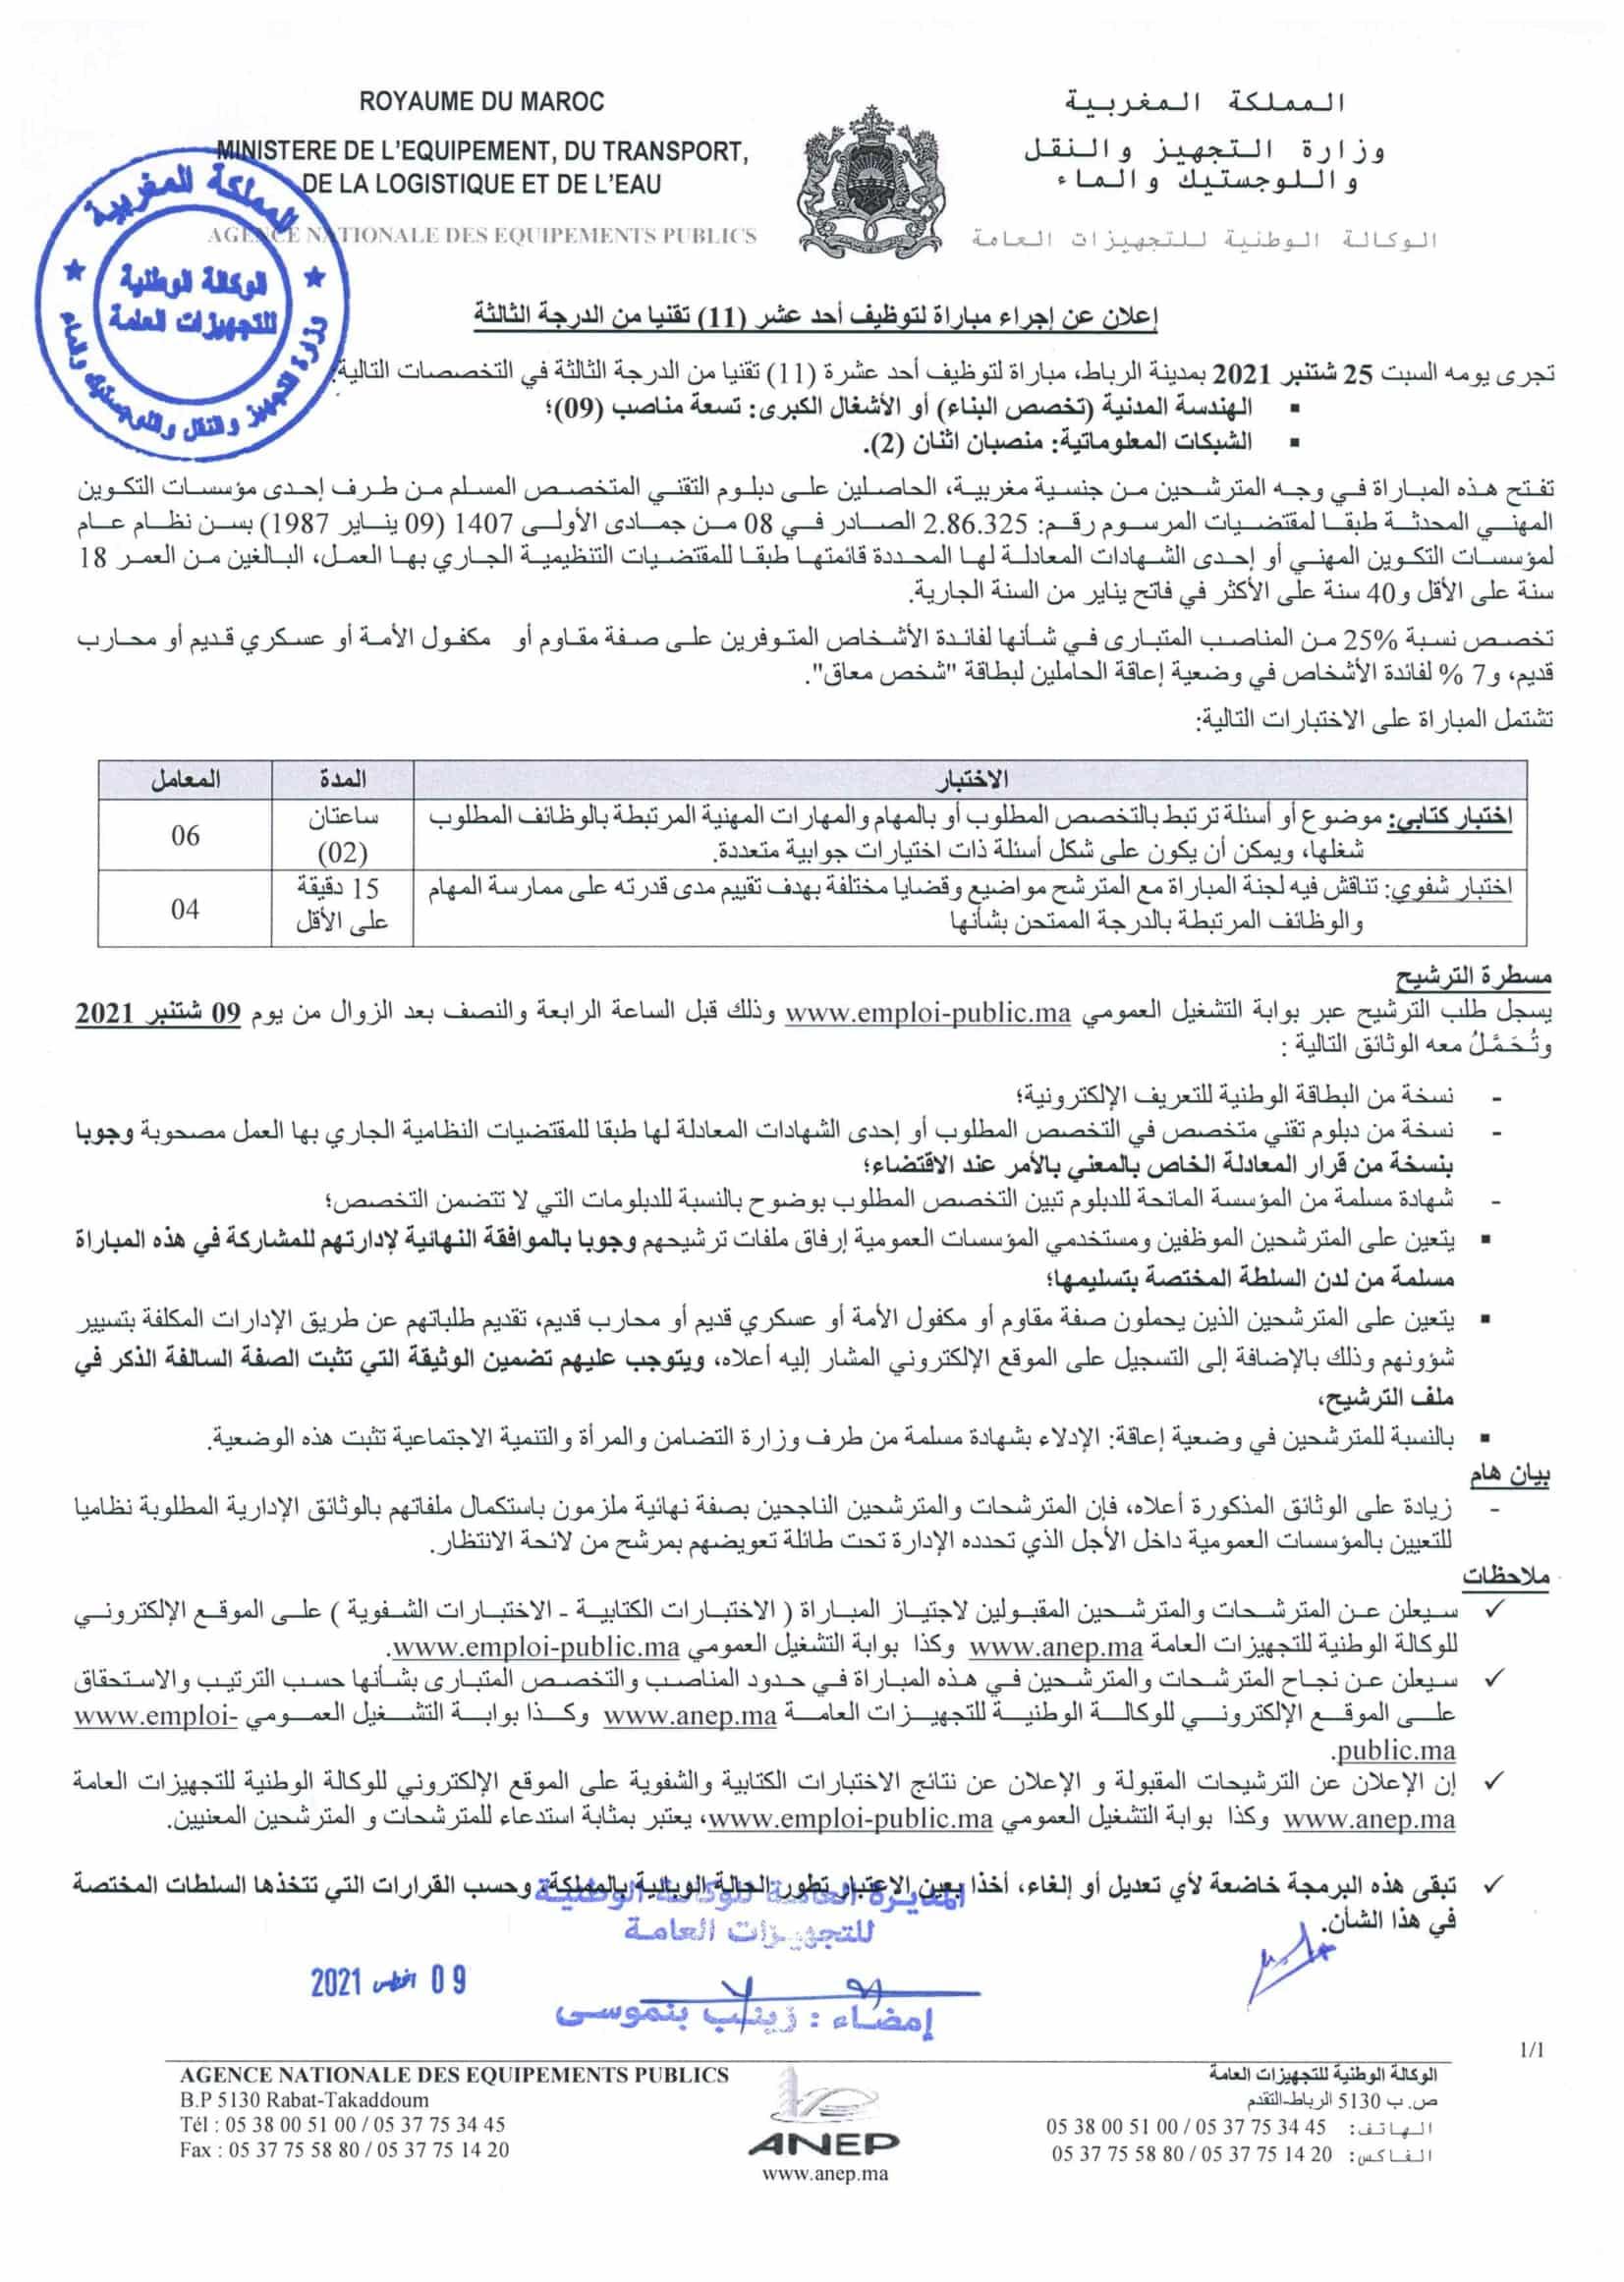 1Avis concours techniciens 0908212 1 Concours Agence Nationale des Equipements Publics ANEP 2021 (11 Postes)